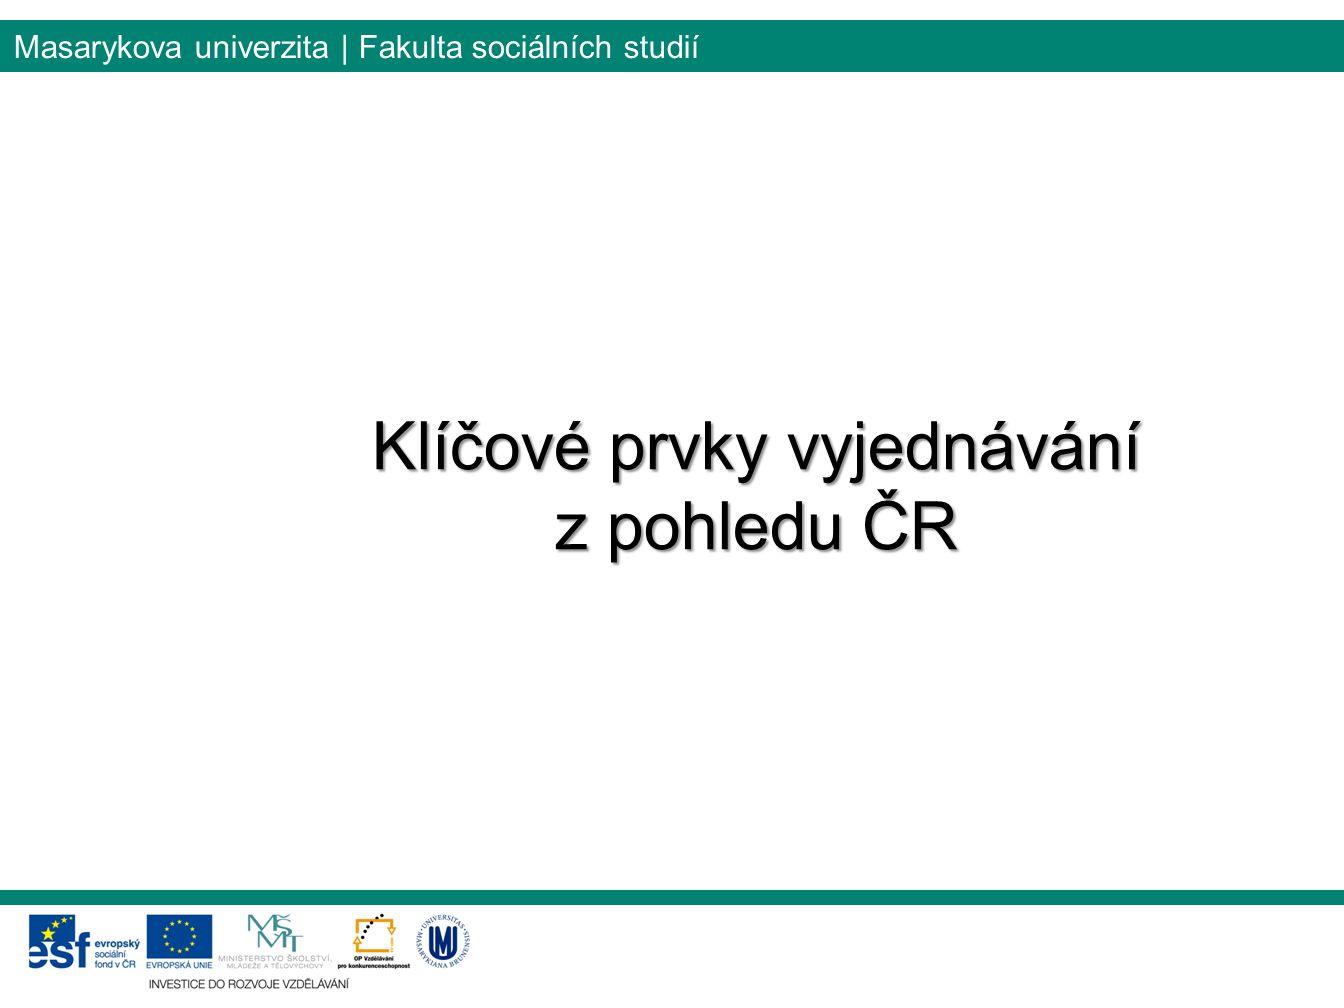 Masarykova univerzita | Fakulta sociálních studií Evropská komise zveřejnila upravený návrh 11.